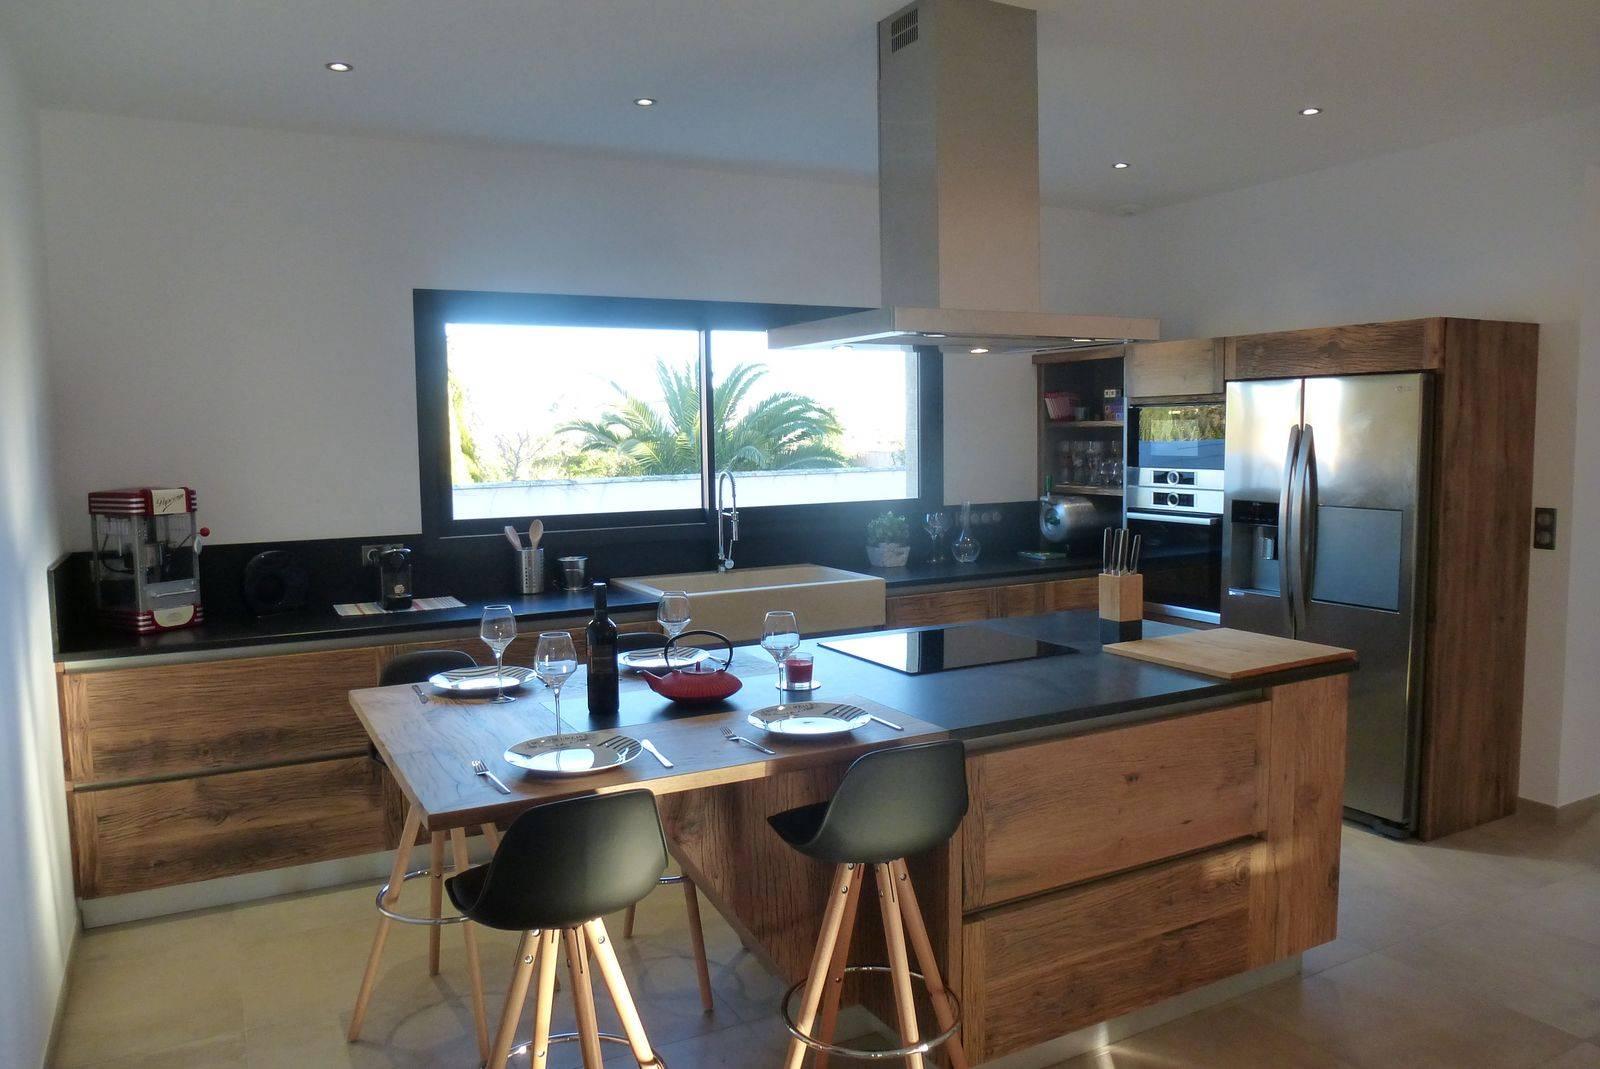 cuisine contemporaine en bois massif - ATELIER BOIS & DECO